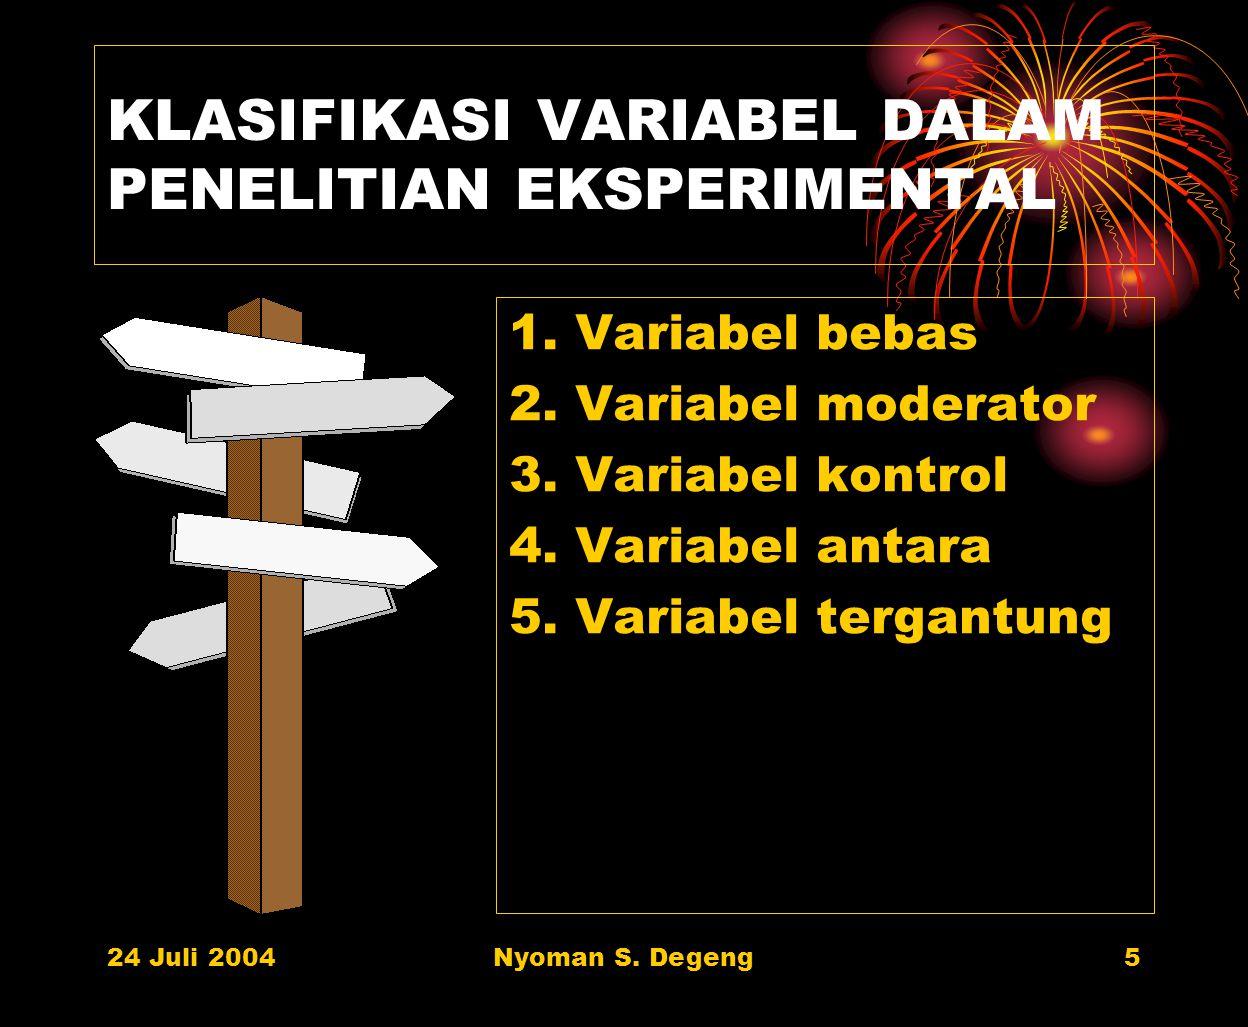 KLASIFIKASI VARIABEL DALAM PENELITIAN EKSPERIMENTAL